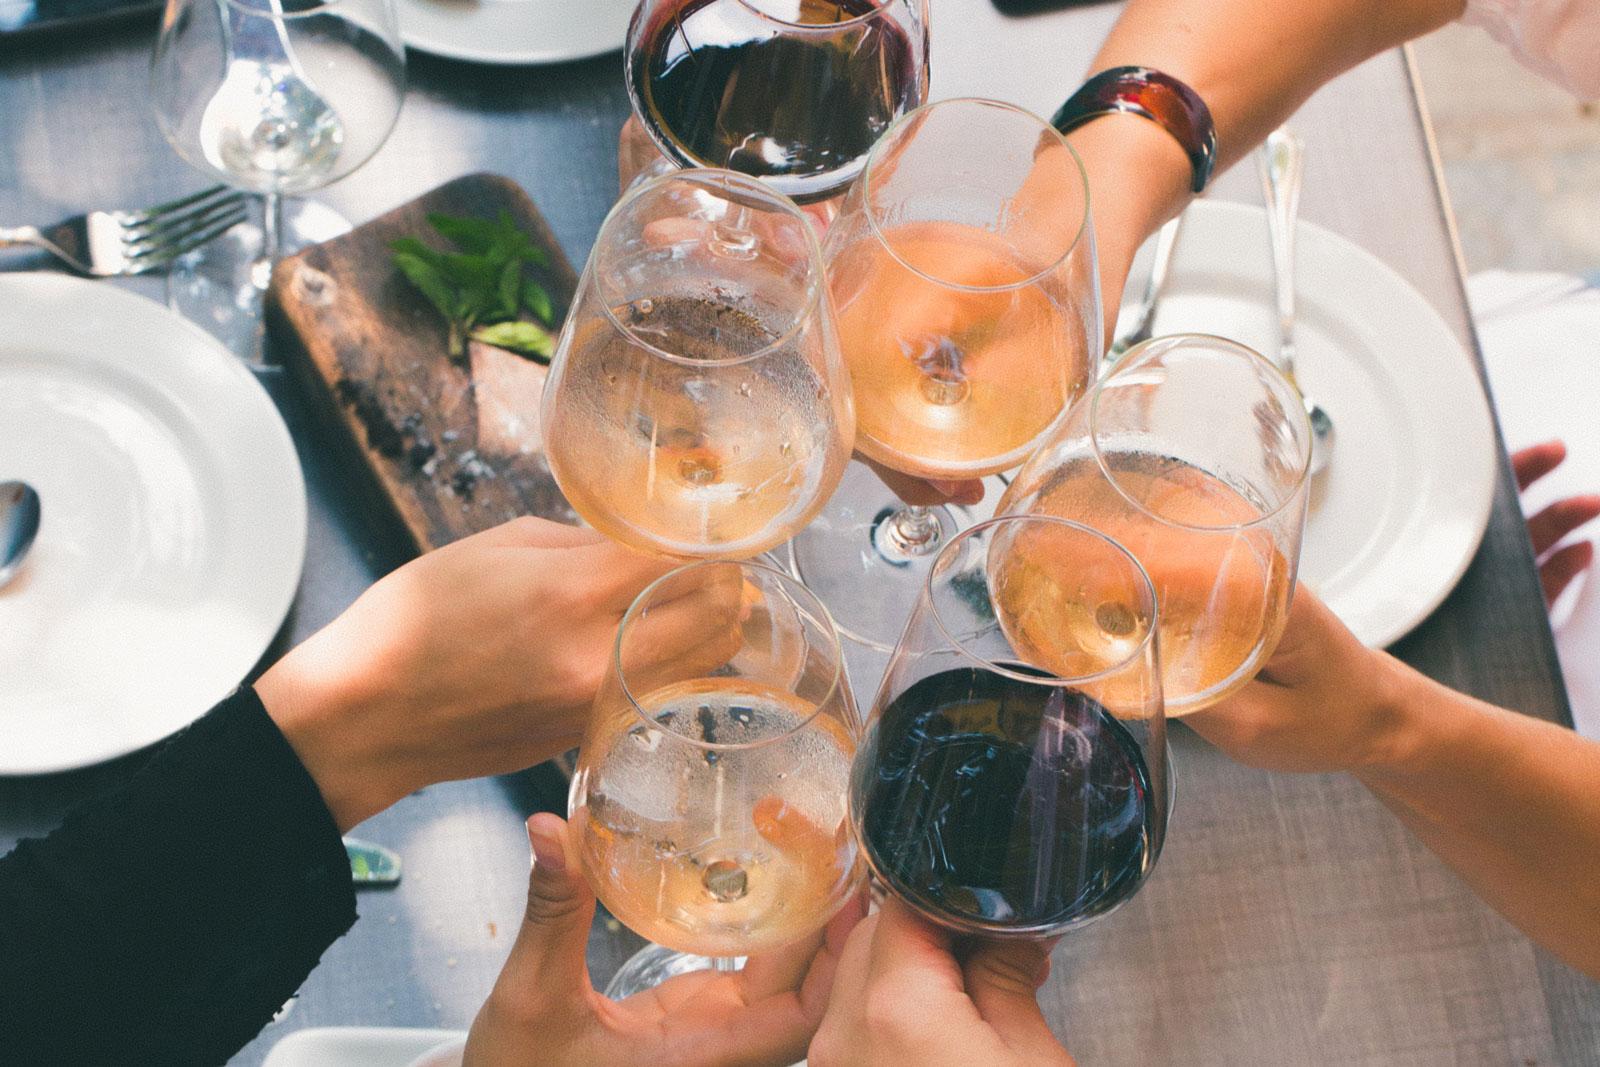 """Foto via <a href=""""https://www.pexels.com/it-it/foto/bevande-bicchieri-brindare-brindisi-1097425/"""" target=""""_blank"""">via Pexels</a>"""